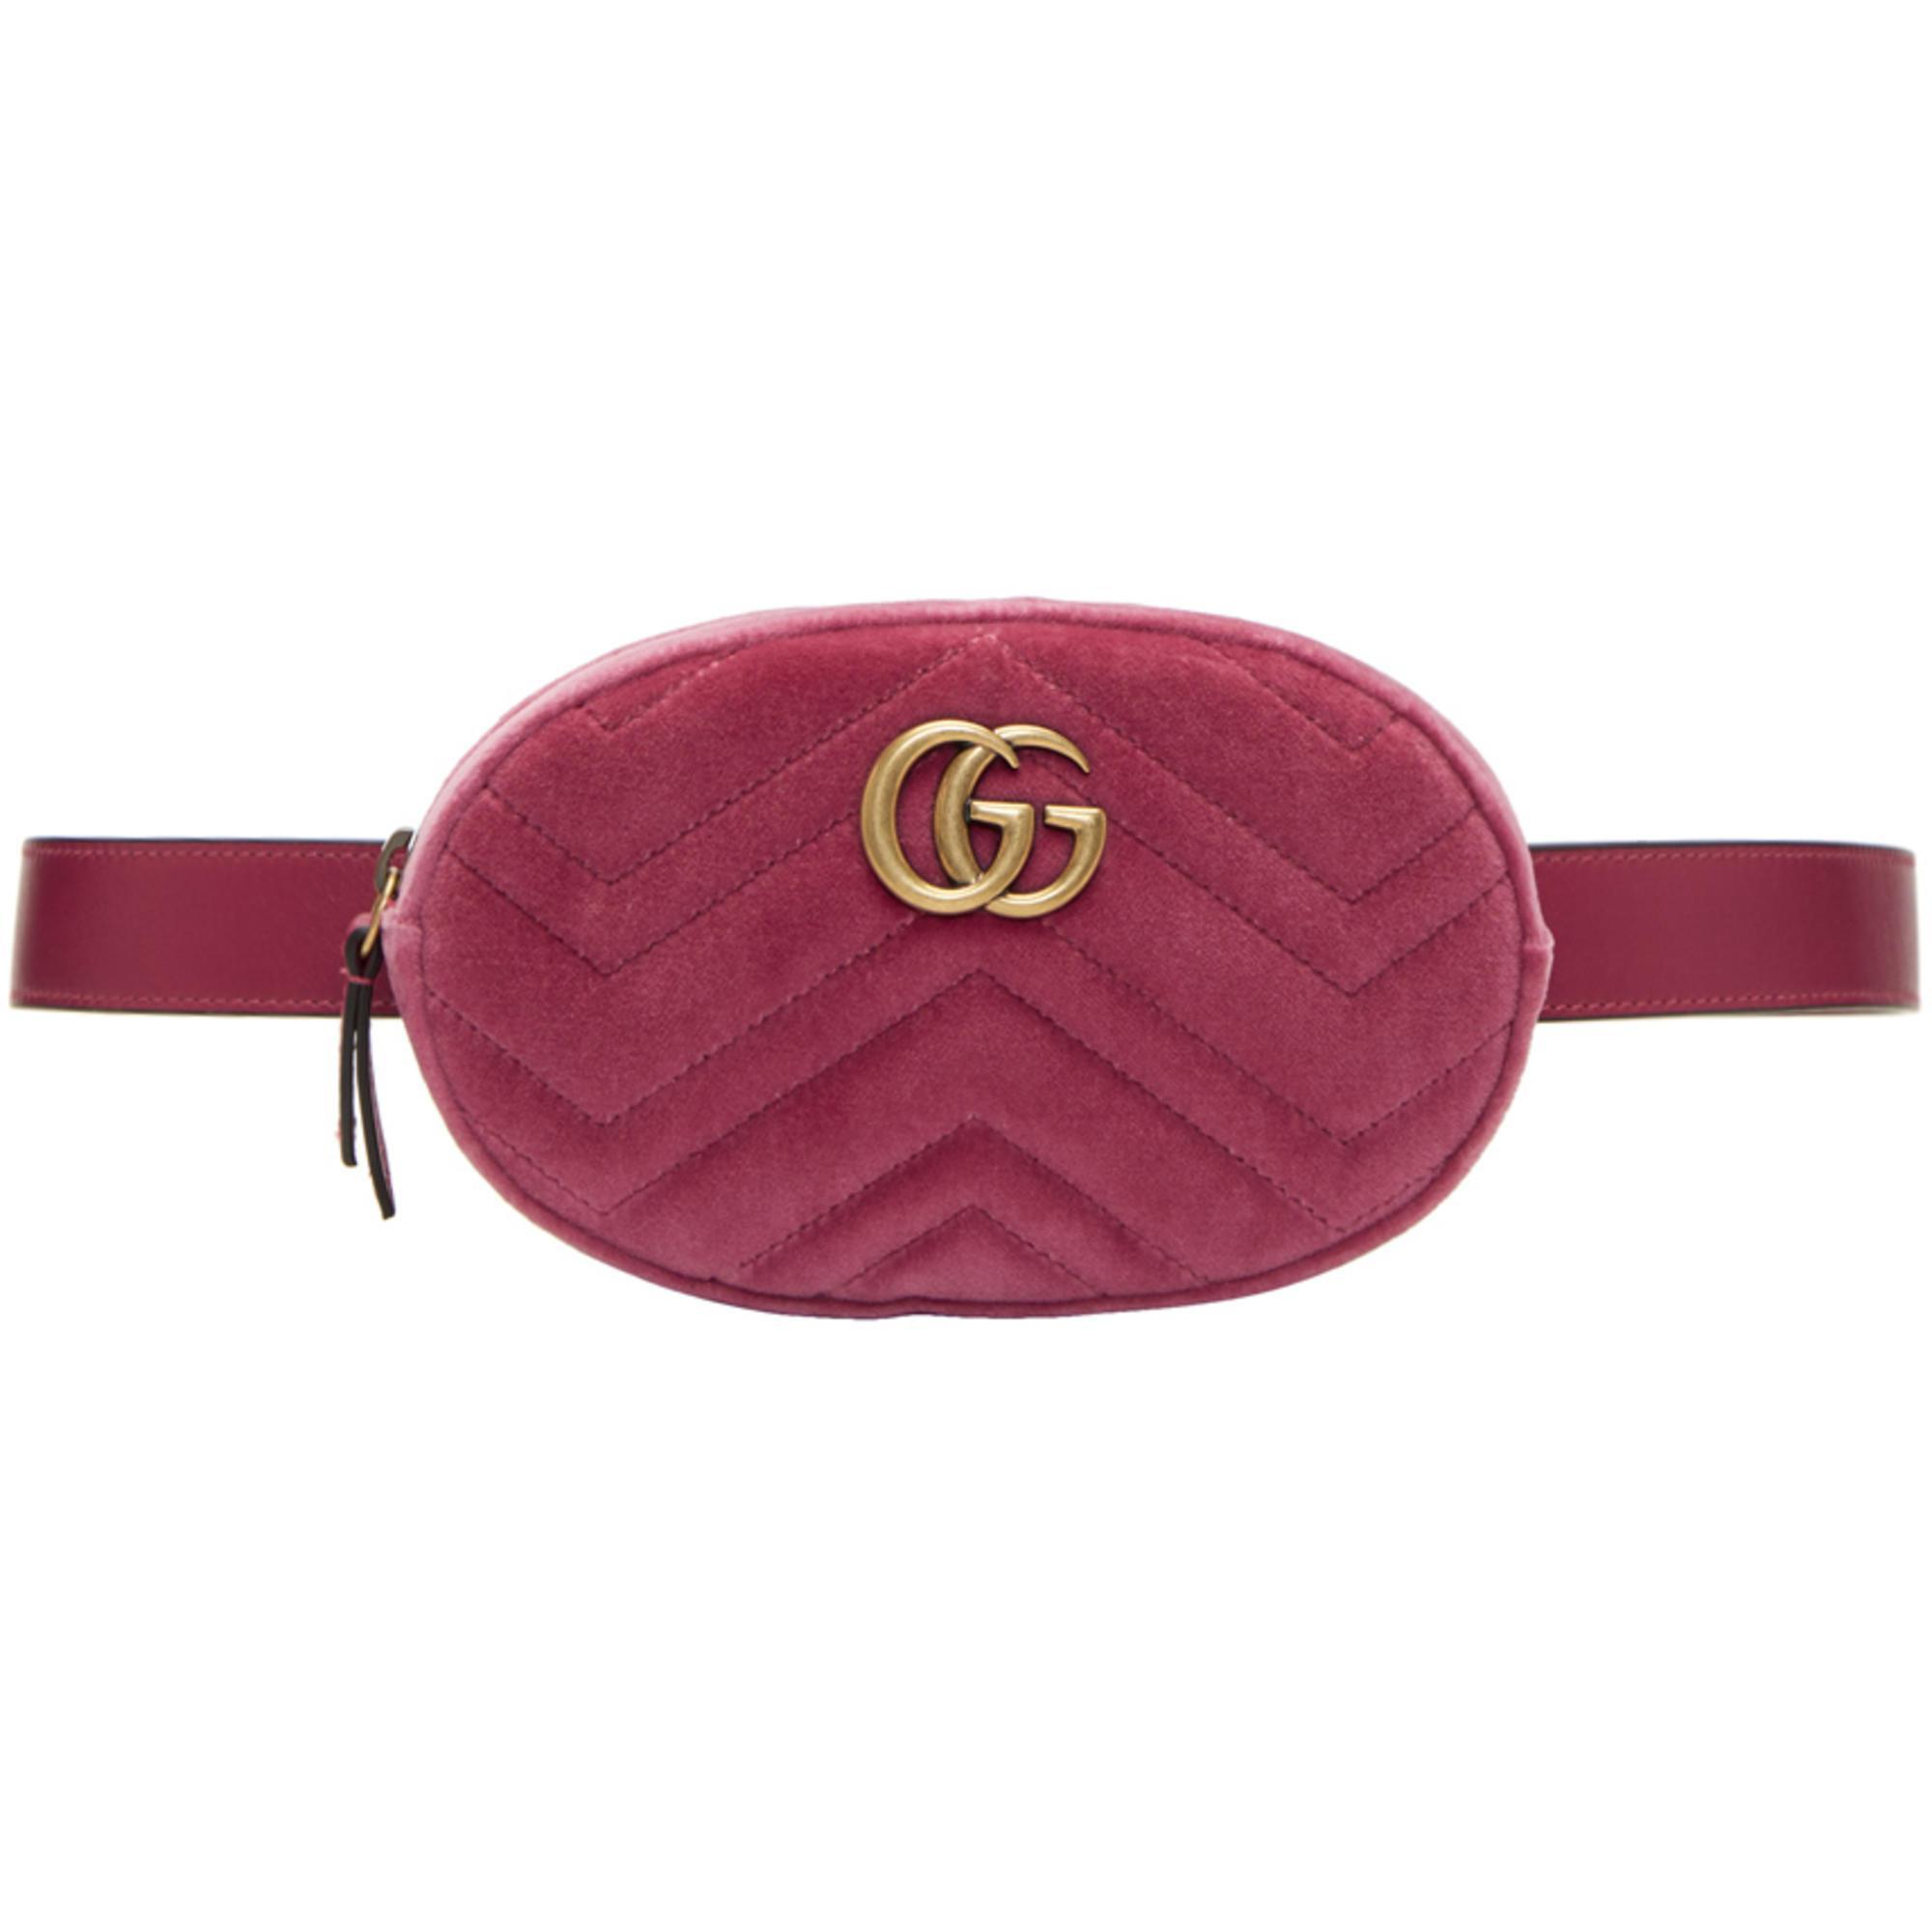 Lyst - Sac-ceinture en velours rose GG Marmont Matelassé Gucci en ... 8978e090f35